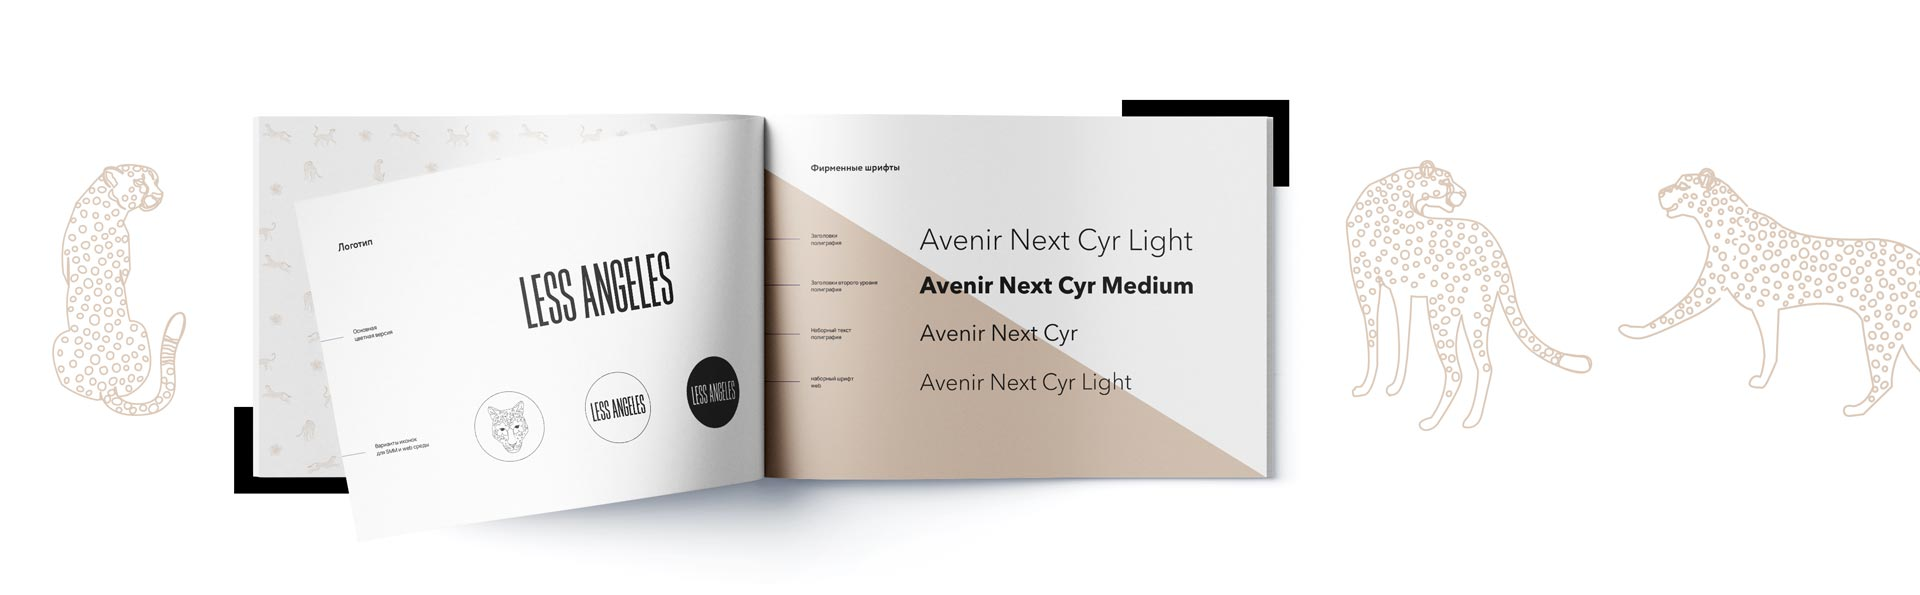 Создание логотипа для бренда одежды с нуля